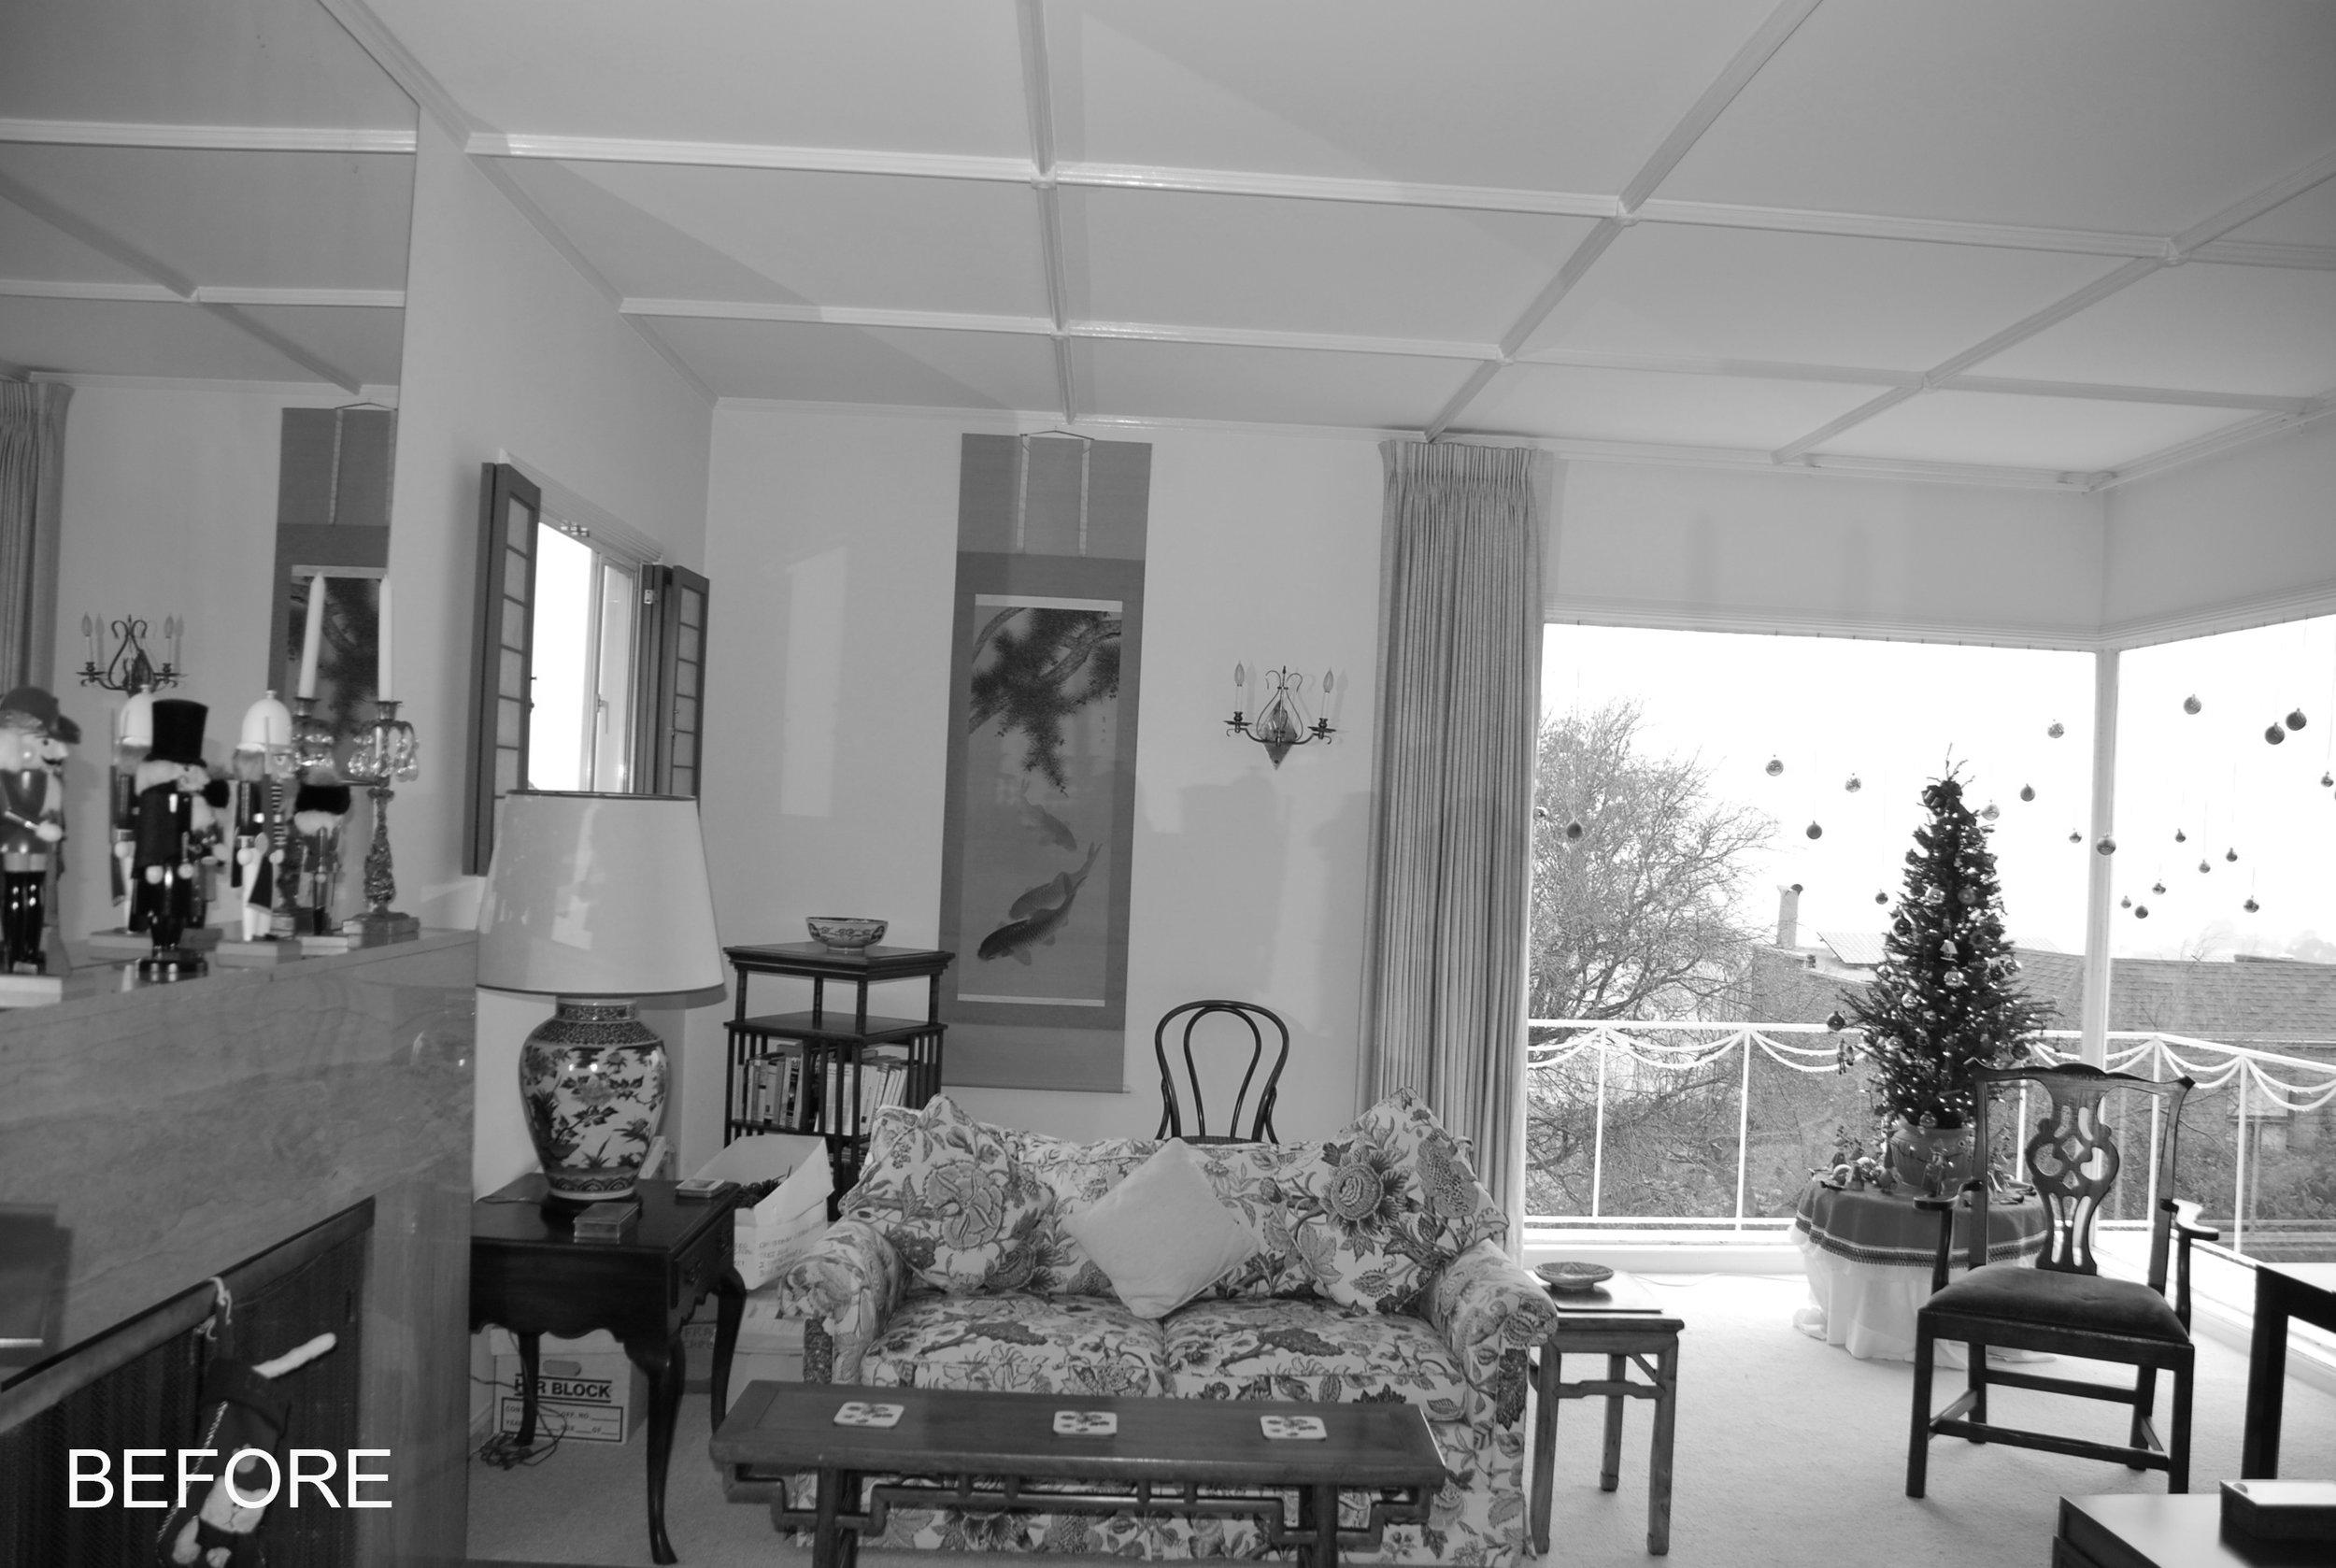 Before_Living Room 2.JPG